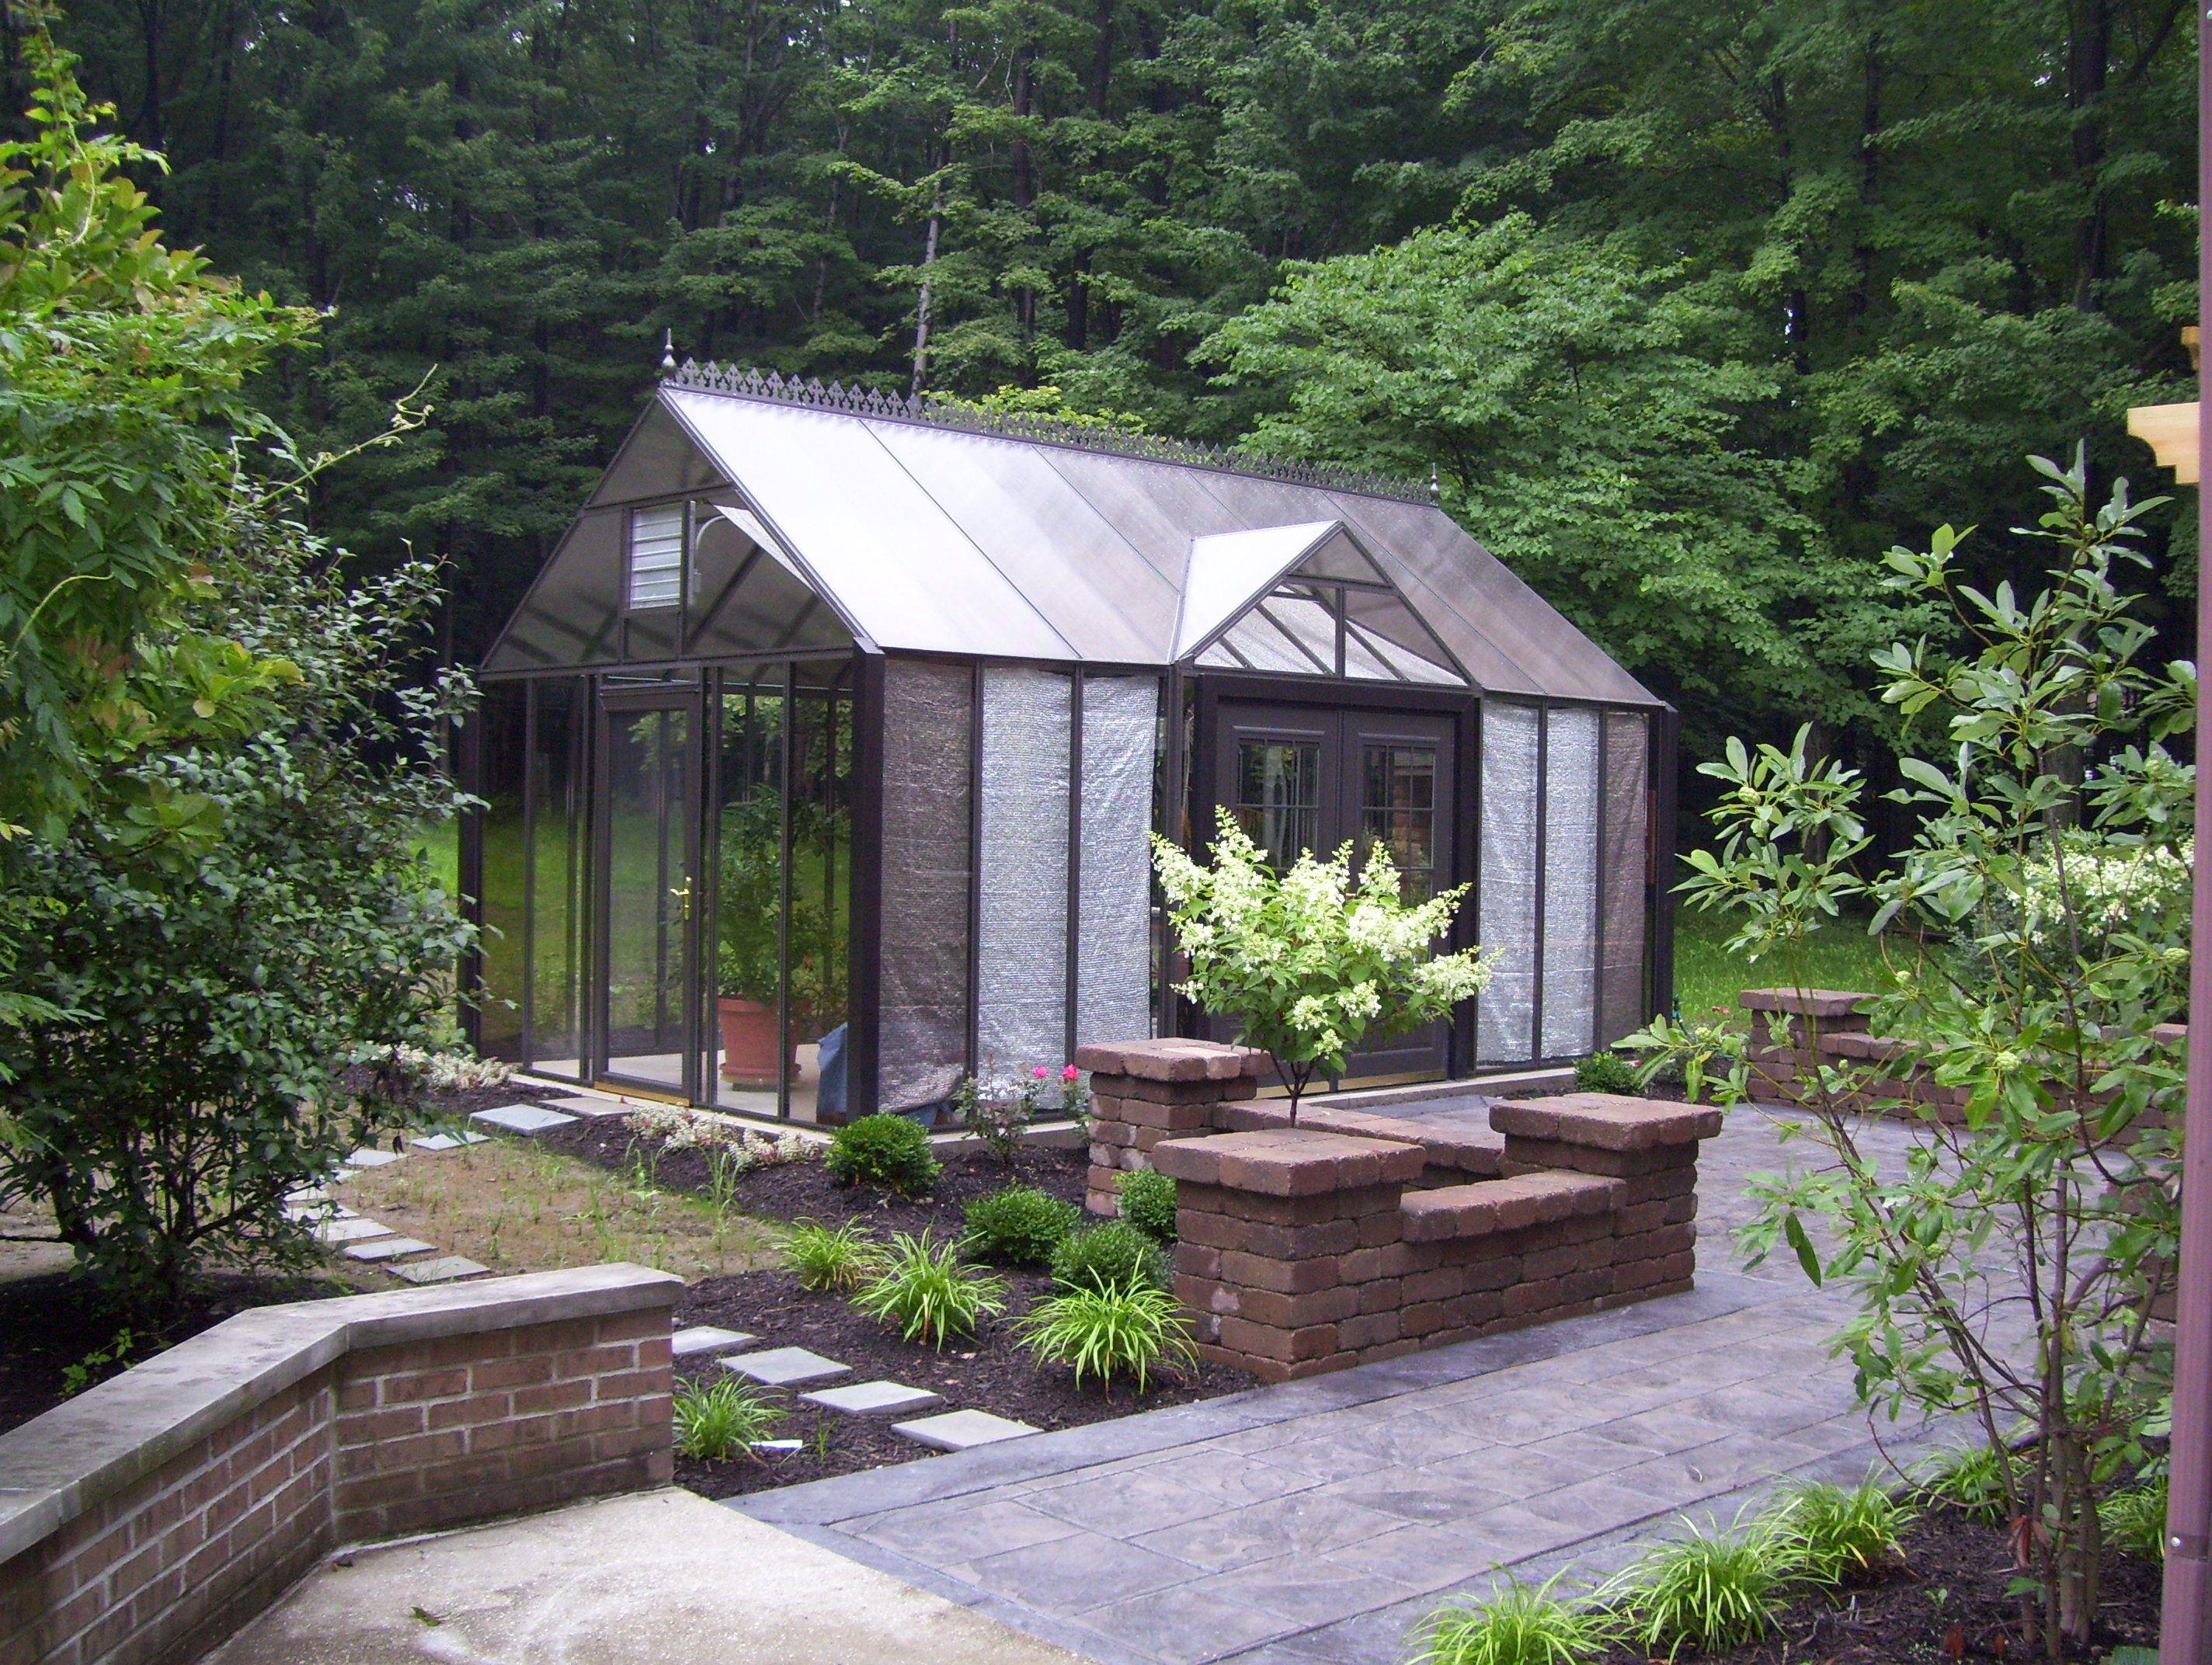 Custom Greenhouse Photos Arcadia Glasshouse Build A Greenhouse Greenhouse Garden Greenhouse Backyard greenhouse arcadia wi